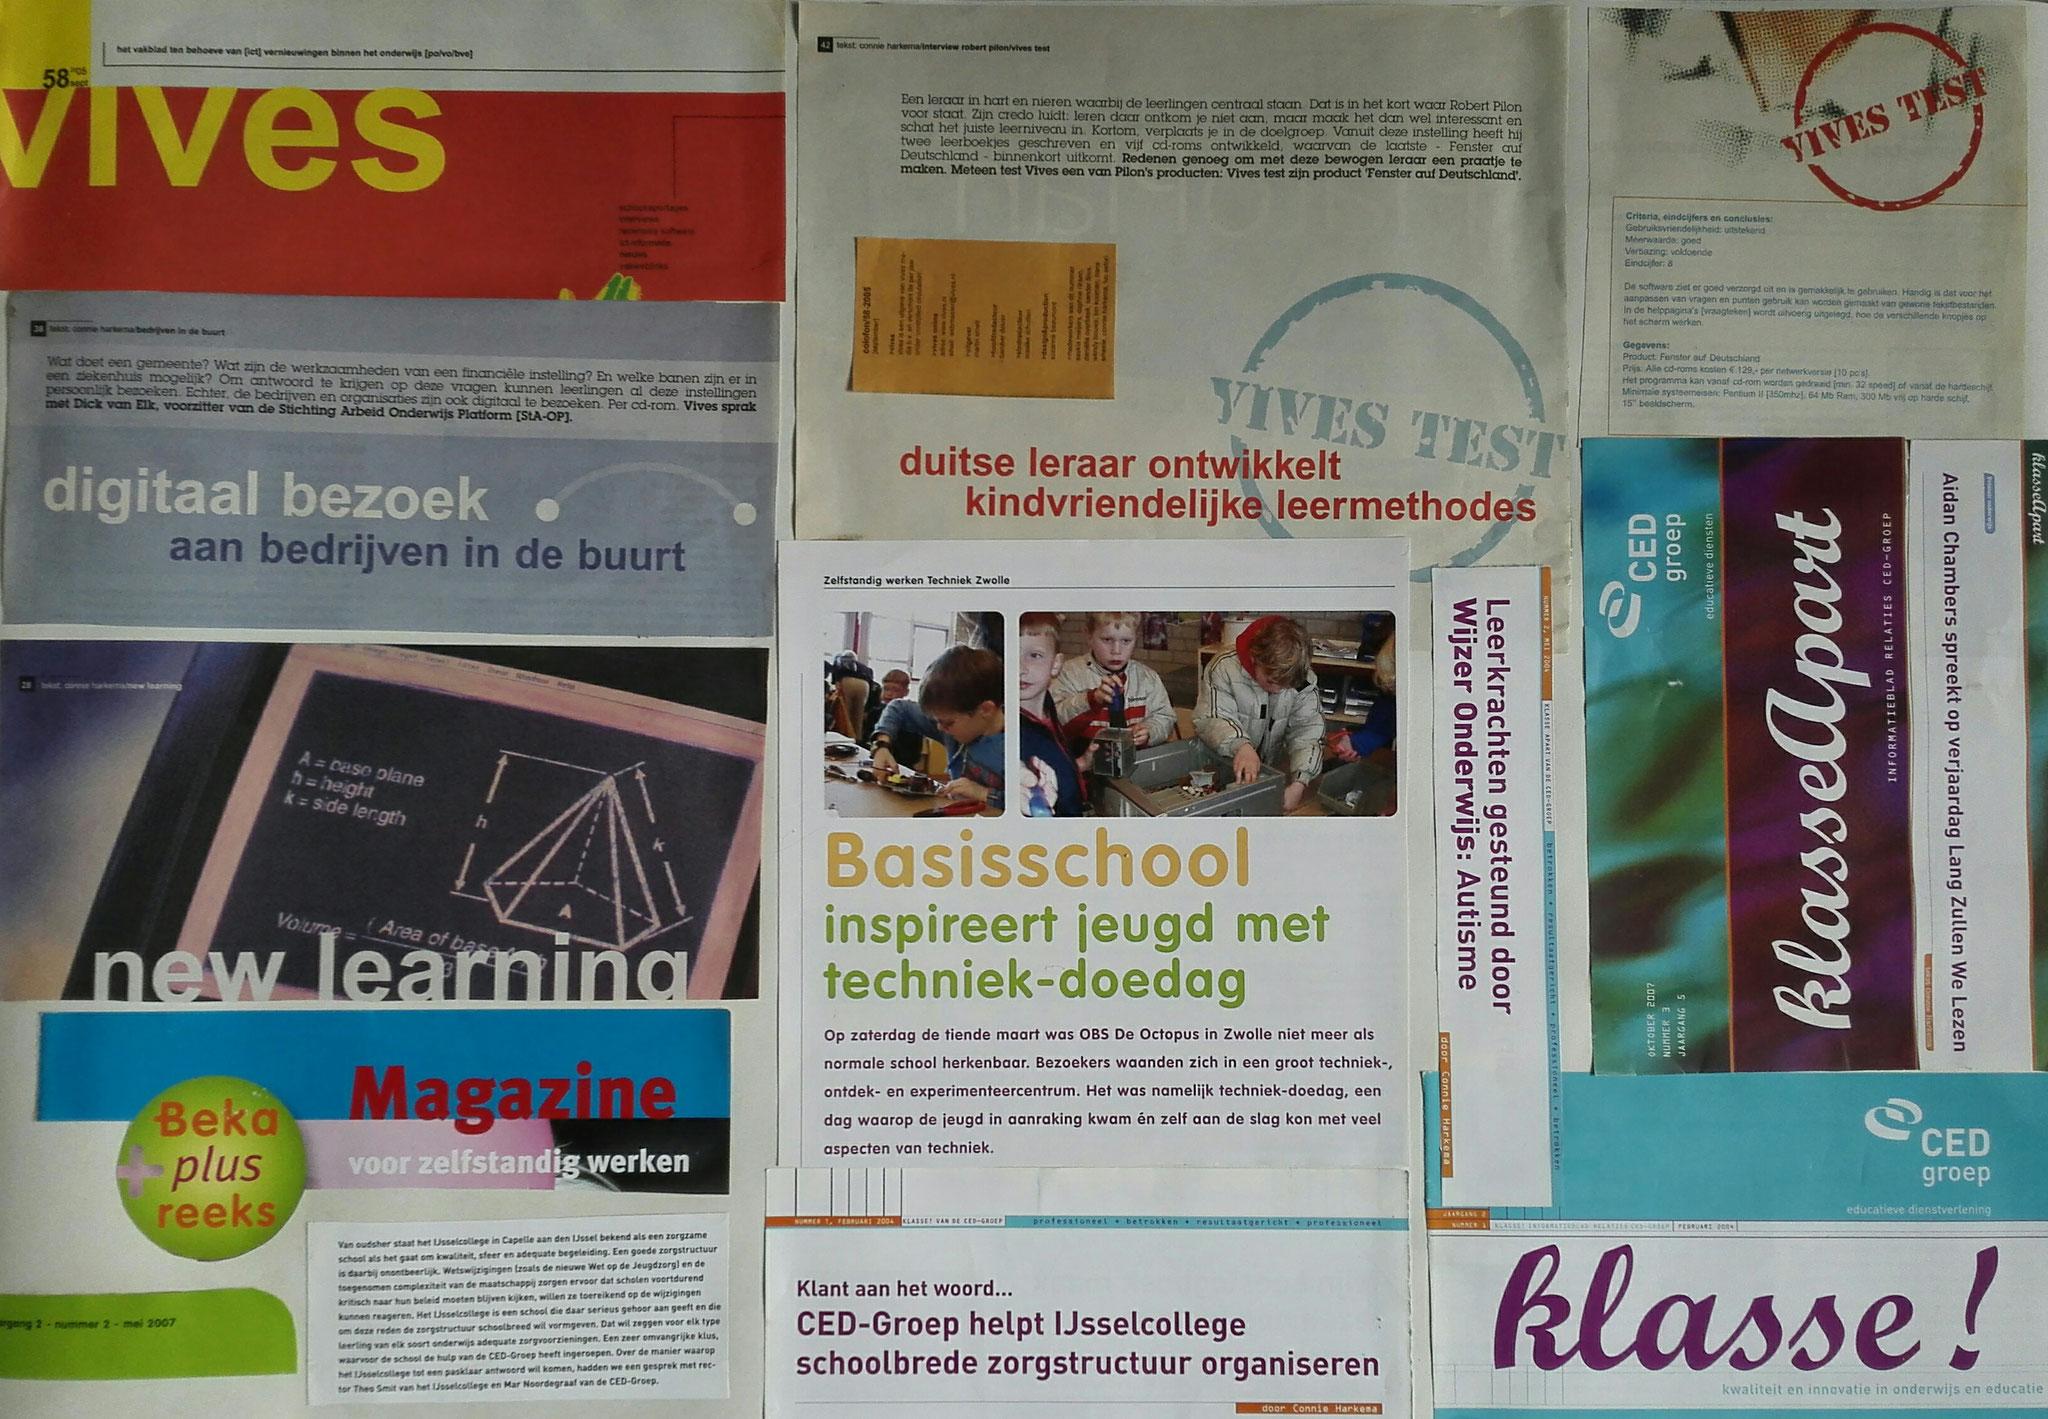 een samenstelling van stukjes tekst uit:  Beka Plus reeks magazine, Klasse!, KlasseApart en Vives. De bijbehorende haiku luidt als volgt: Het nieuwe leren  - Inspiratie door te doen - Een klasse apart